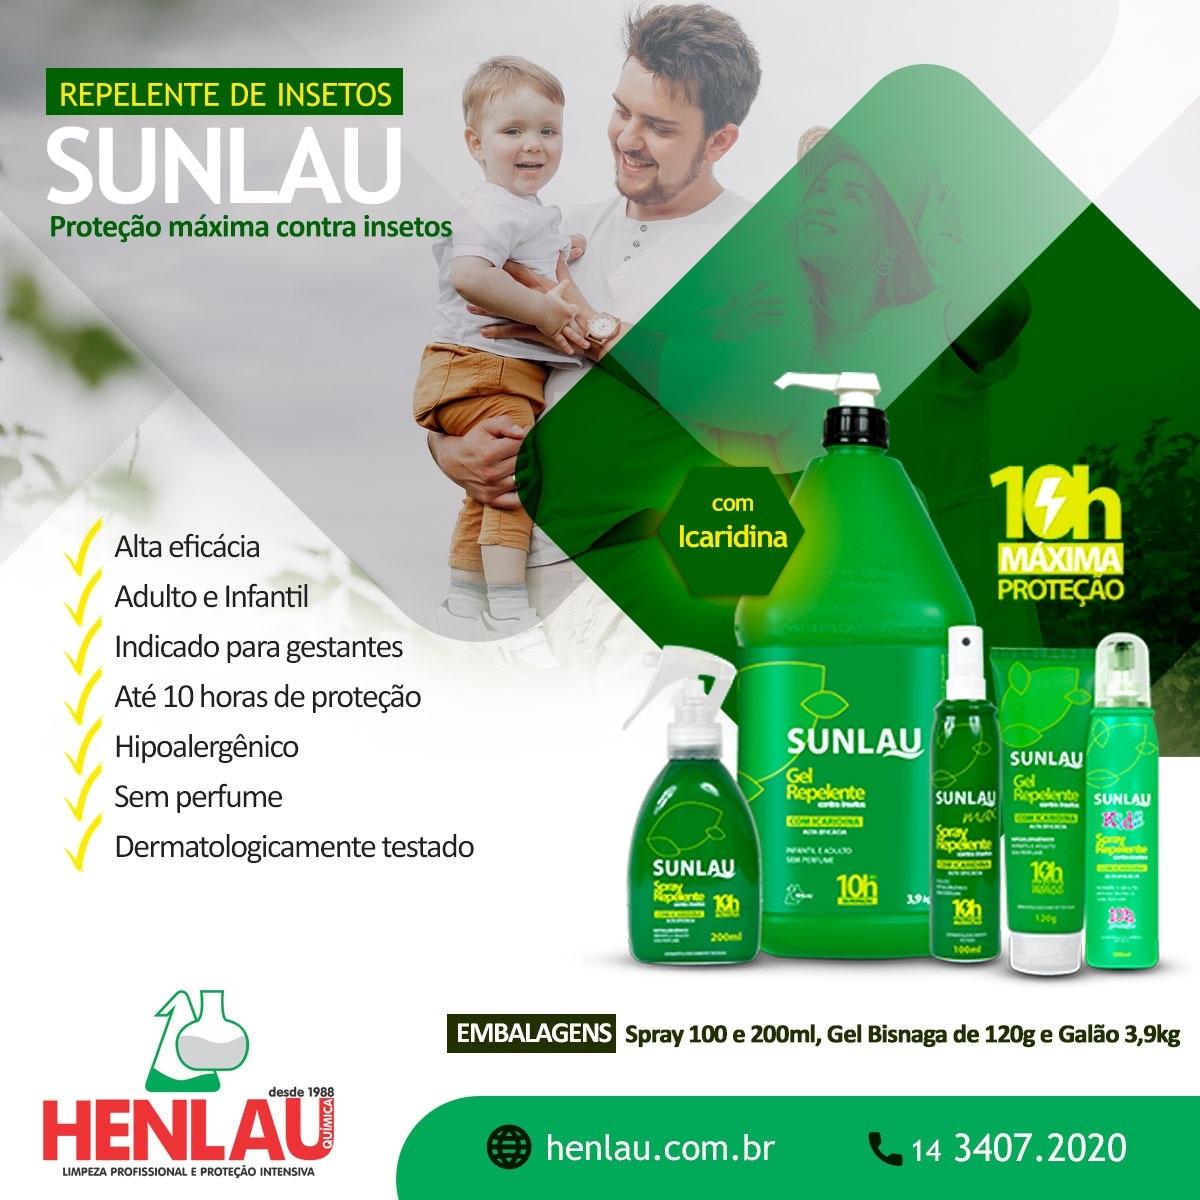 Kit 6 Repelente Sunlau Spray para Roupa com Icaridina